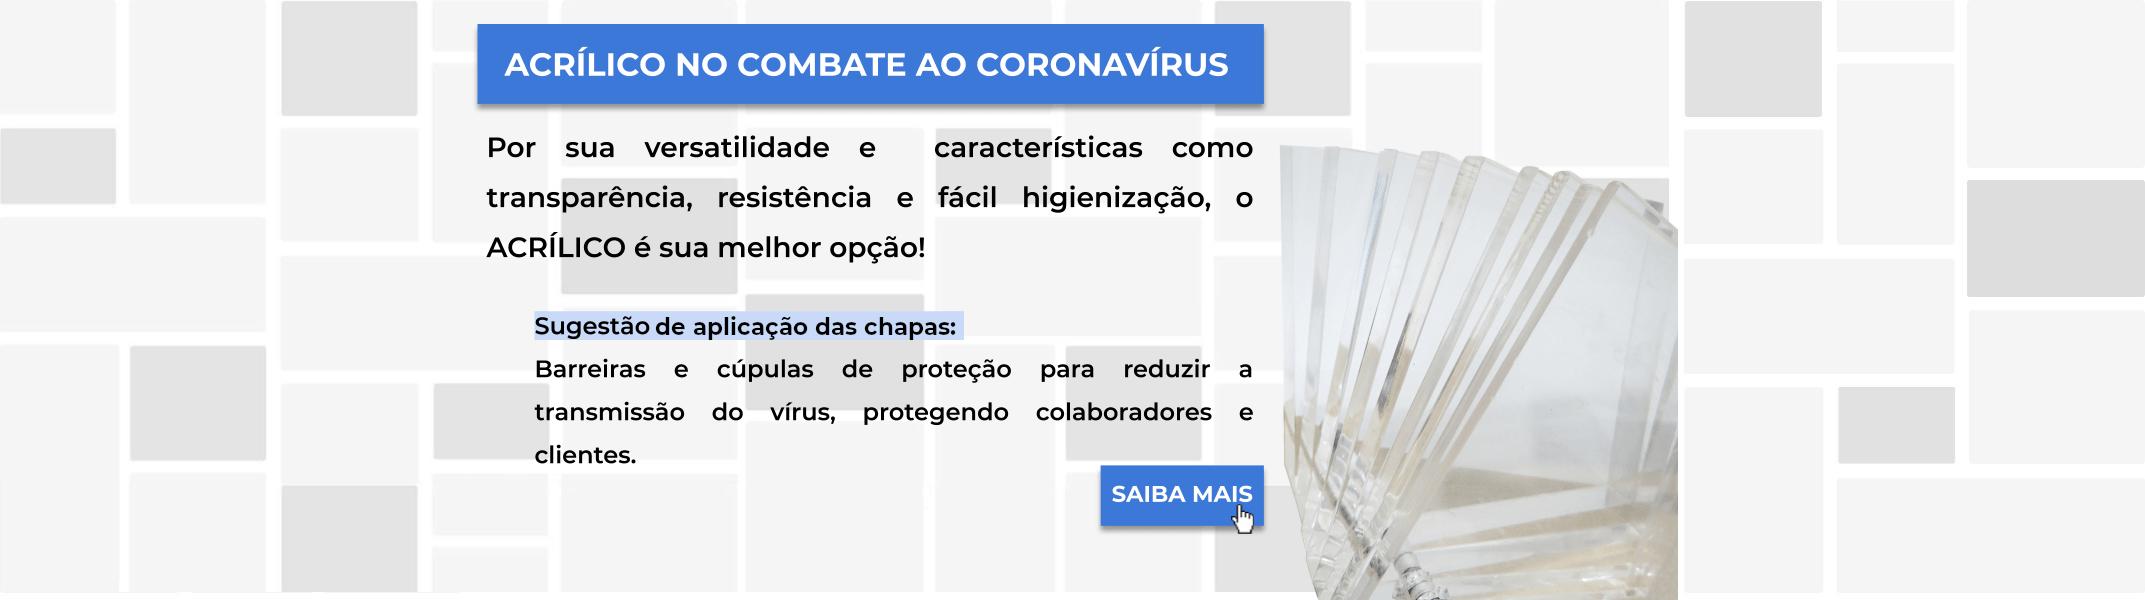 Banner_Pag_Inicial_-_Acrilico_no_combate_ao_coronavrus-min